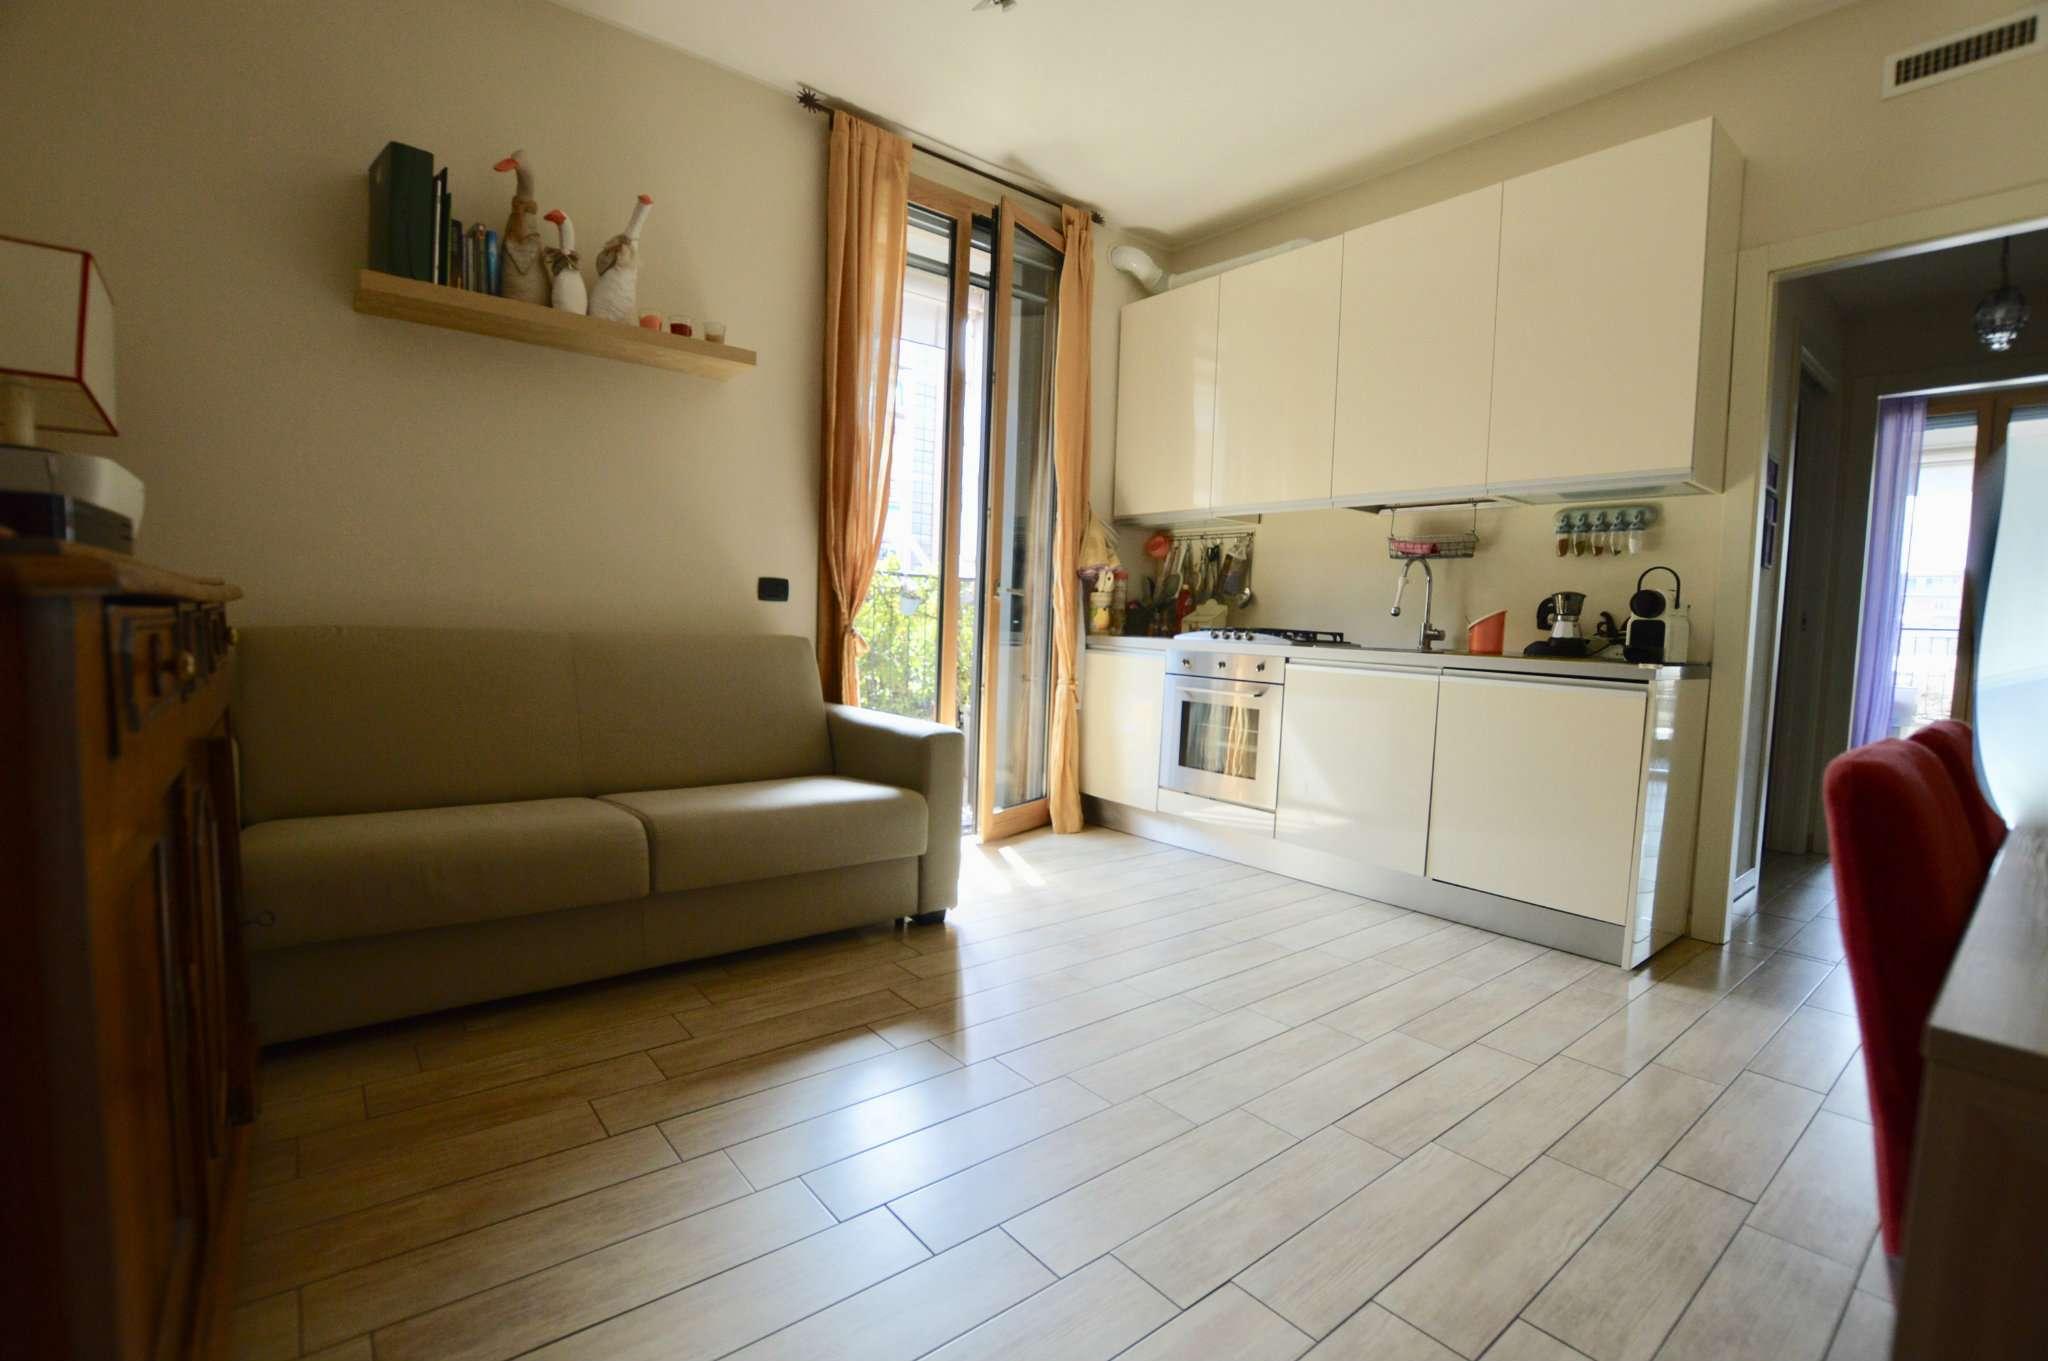 Appartamento in vendita a Milano Via Zamagna - TrovoCasa.it - W6375204